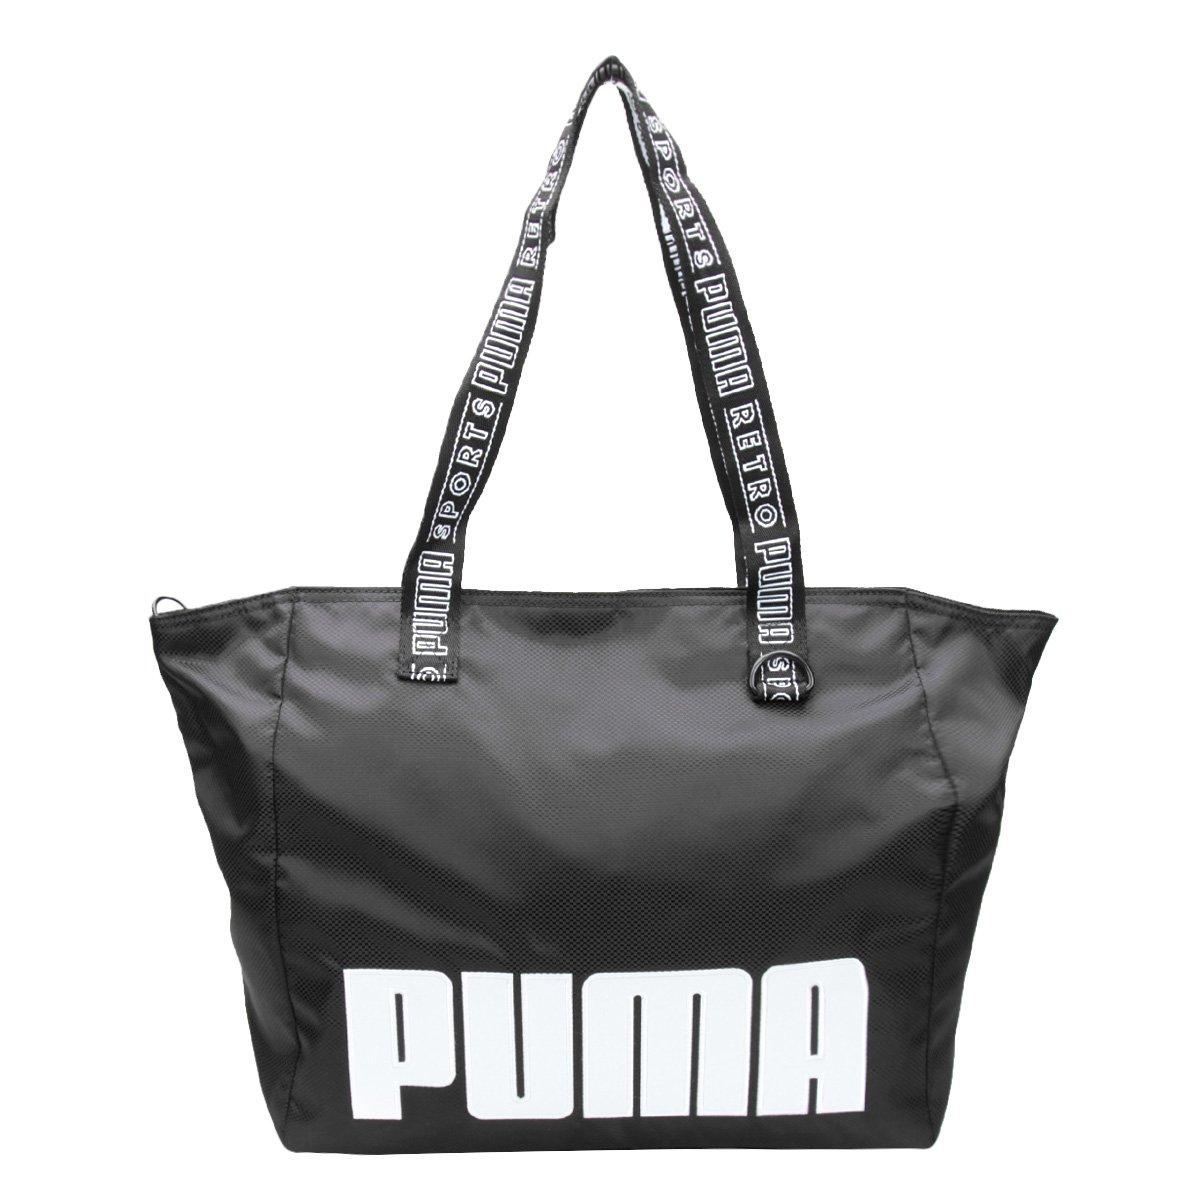 Bolsa Puma Tote Shopper Prime Street Large Feminina - Preto - Compre ... e47dbf36268